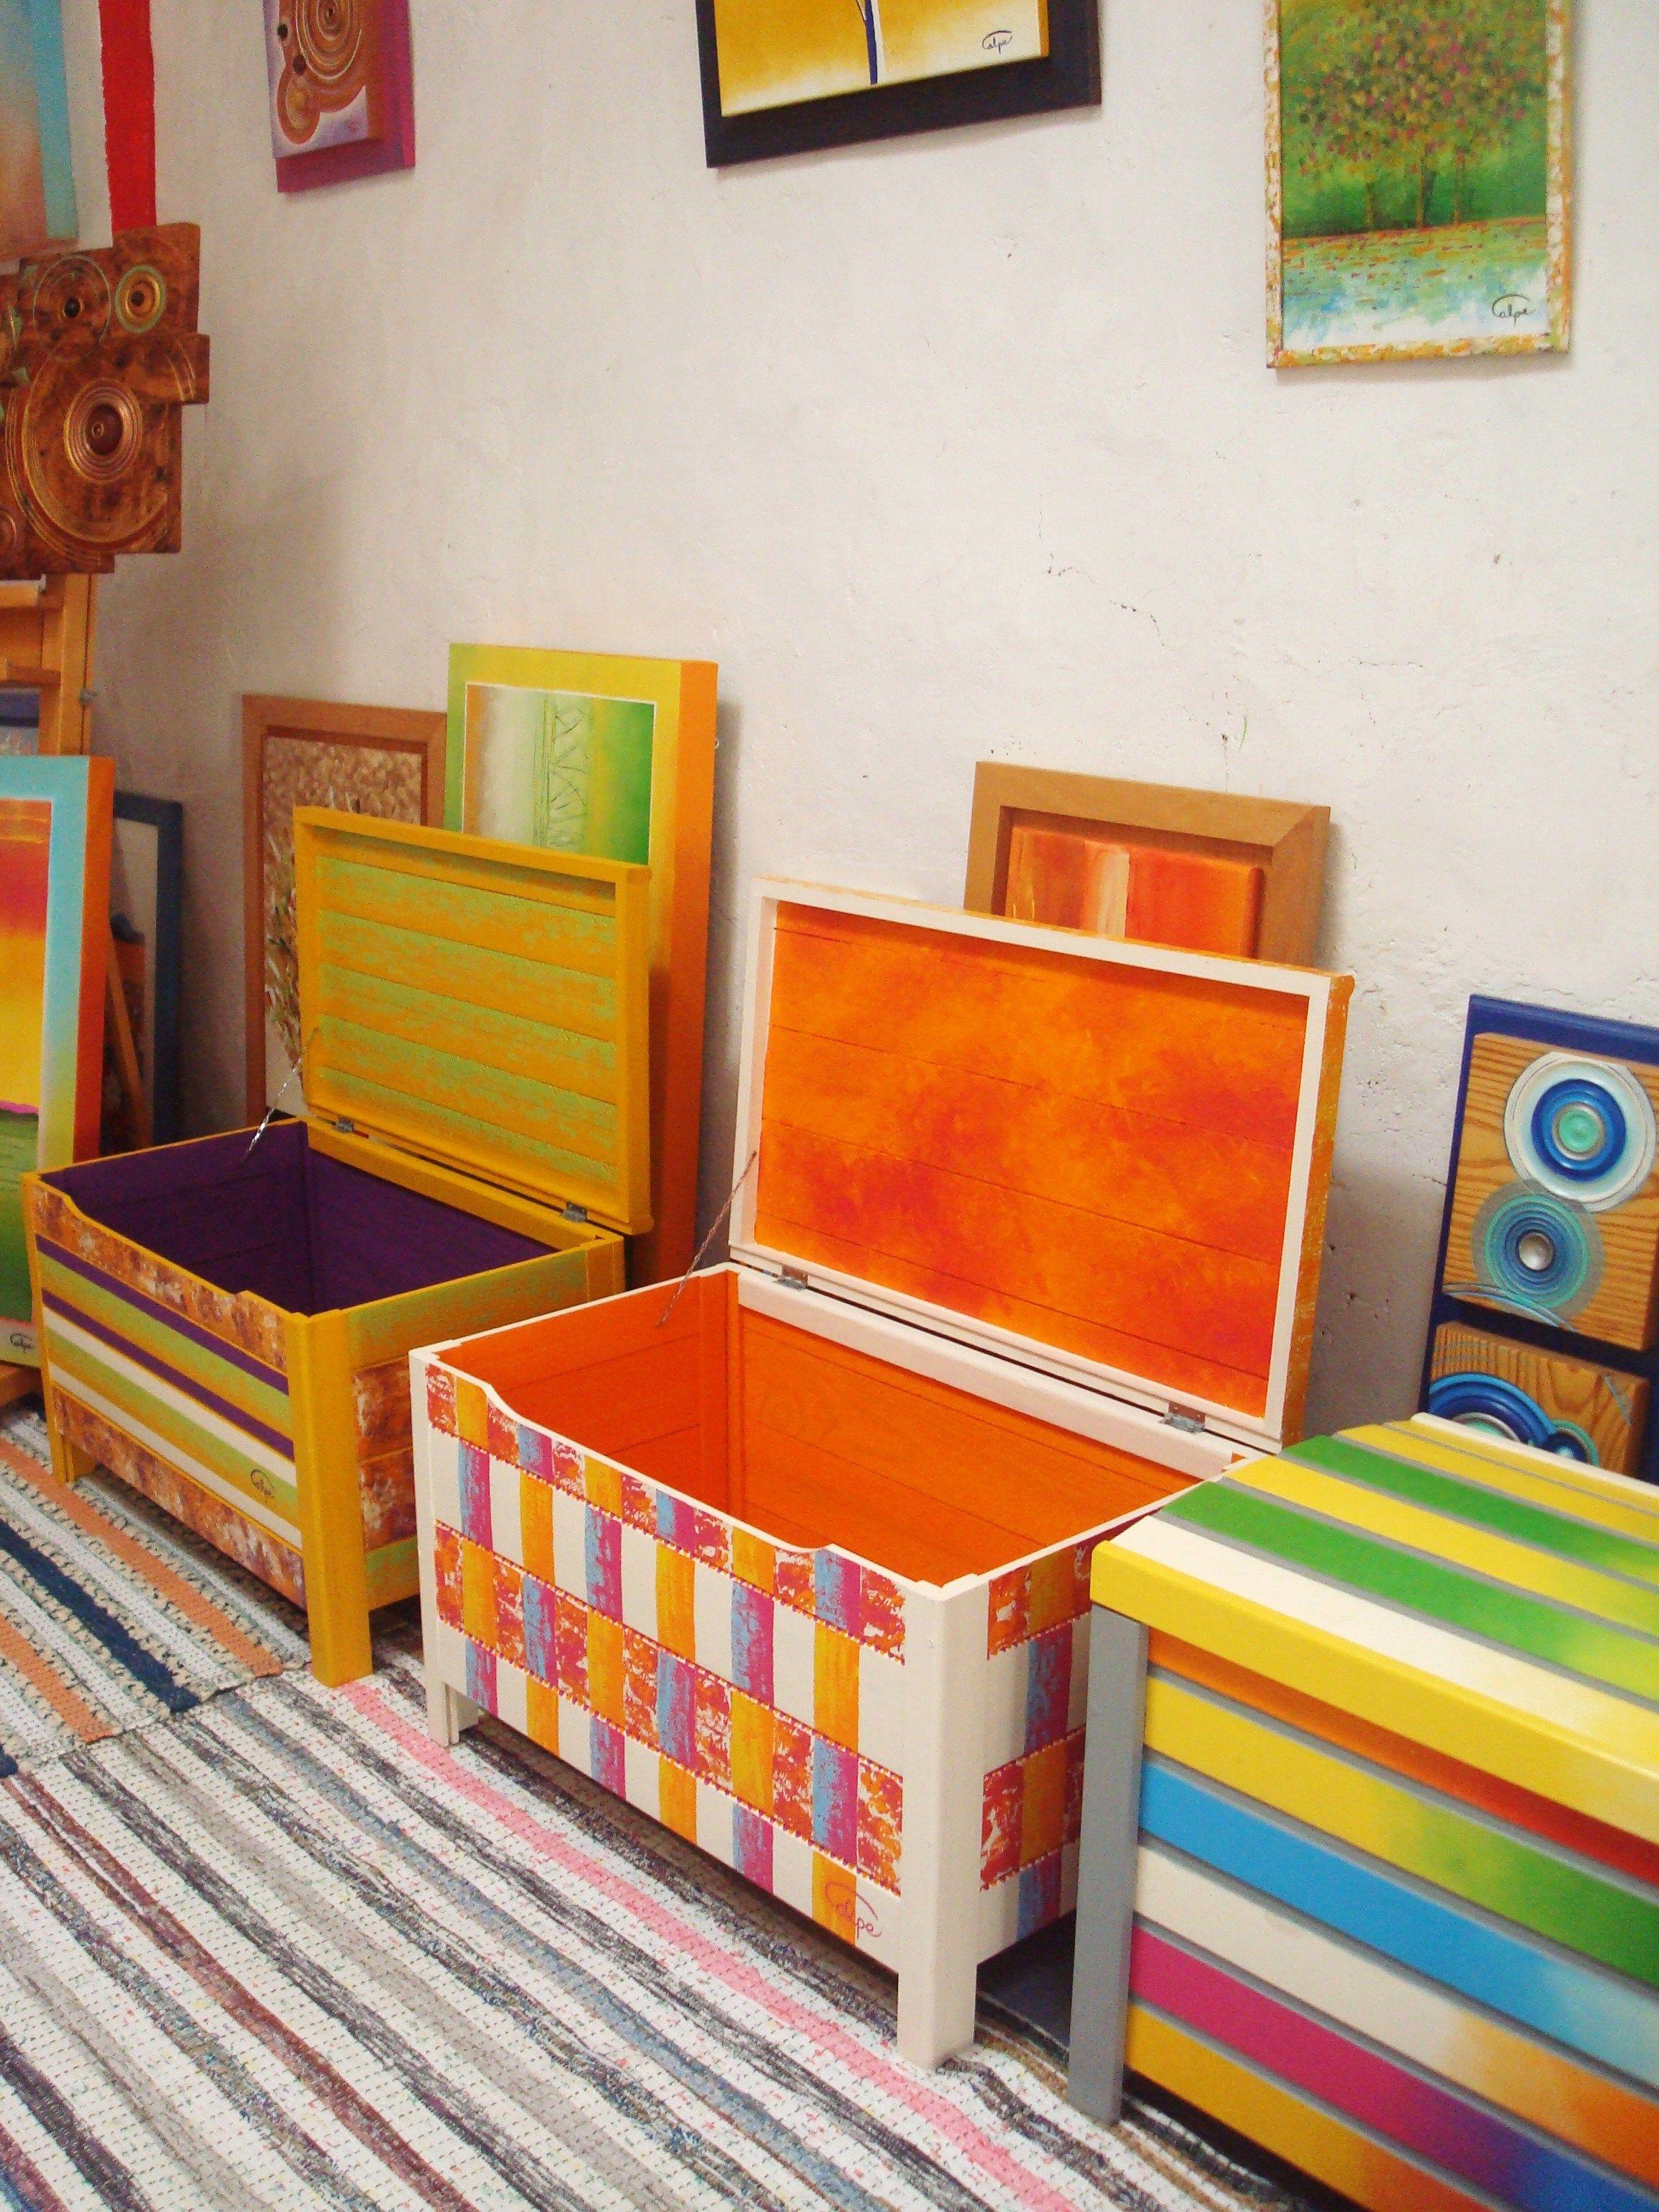 Ba les de madera pintados a mano http calpearts - Baules pintados a mano ...